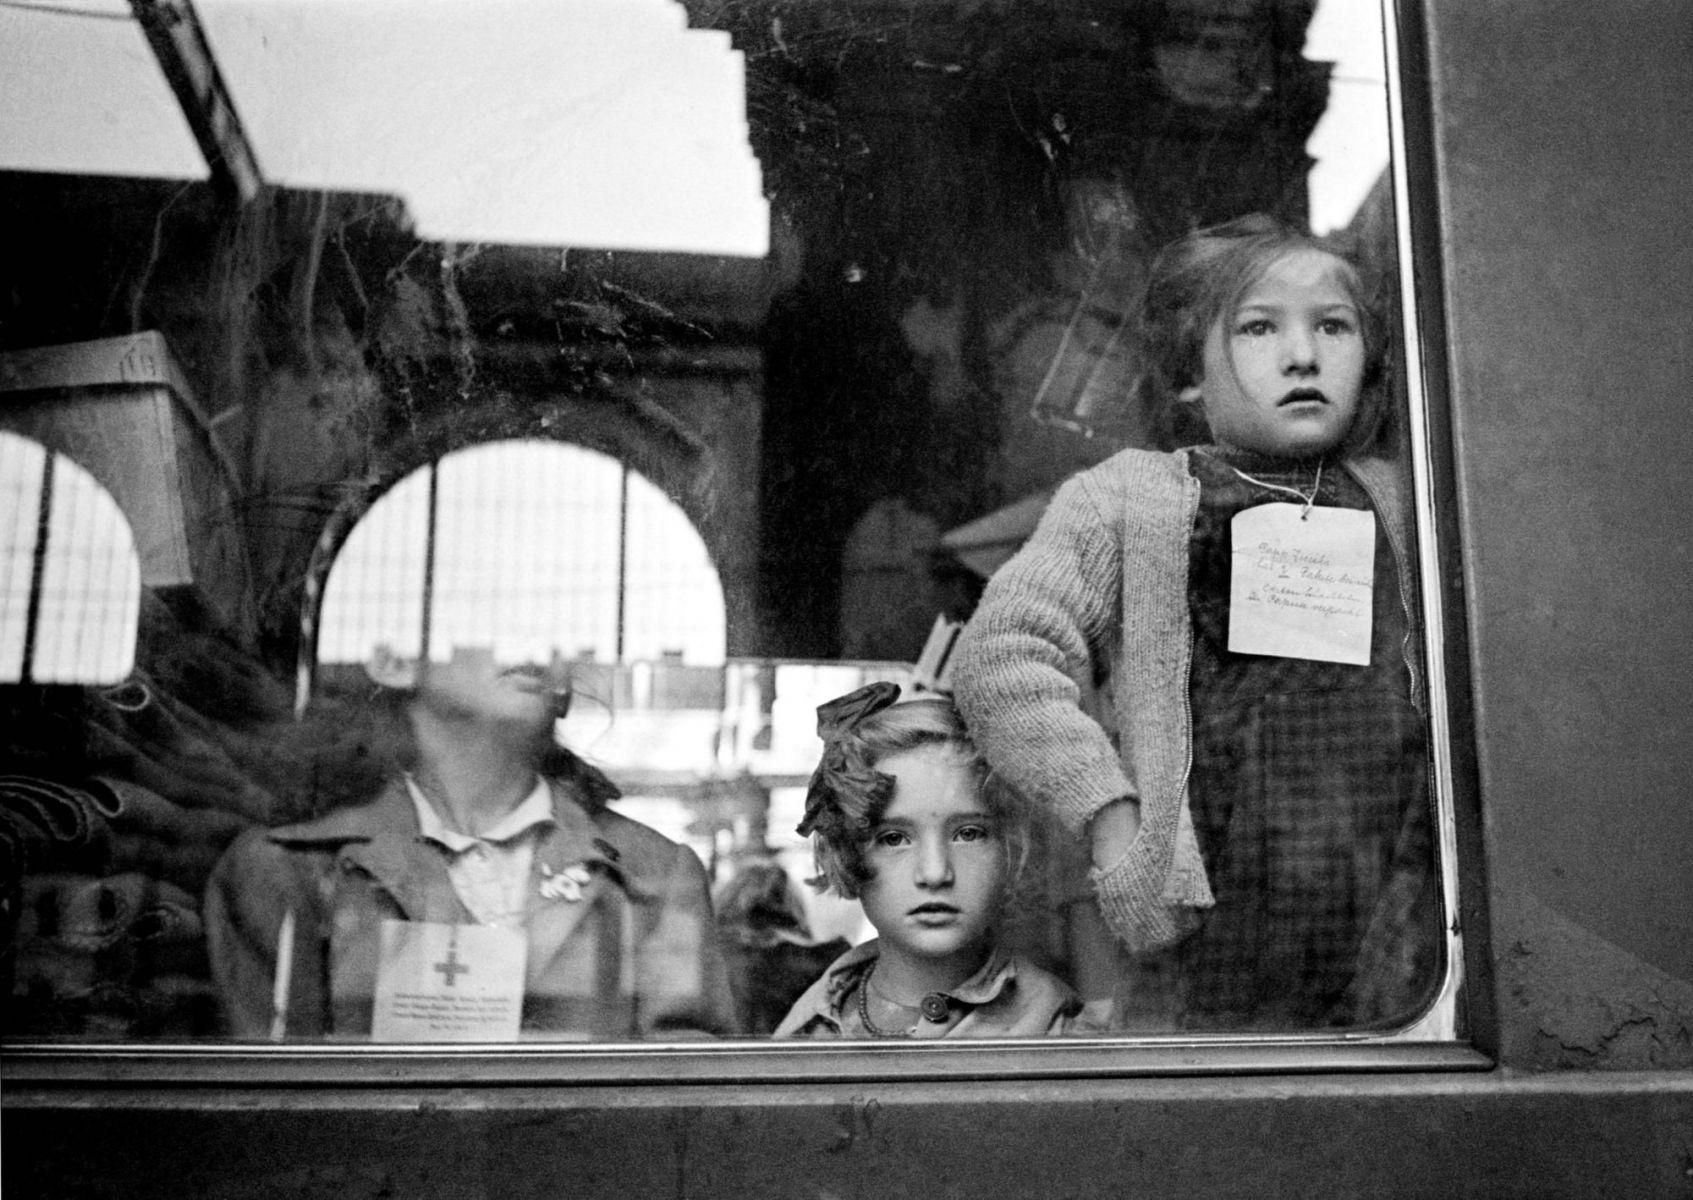 Werner Bischof: Ein Zug des Roten Kreuzes transportiert Kinder, die in der Schweiz Ferien machen können. Budapest, 1947.